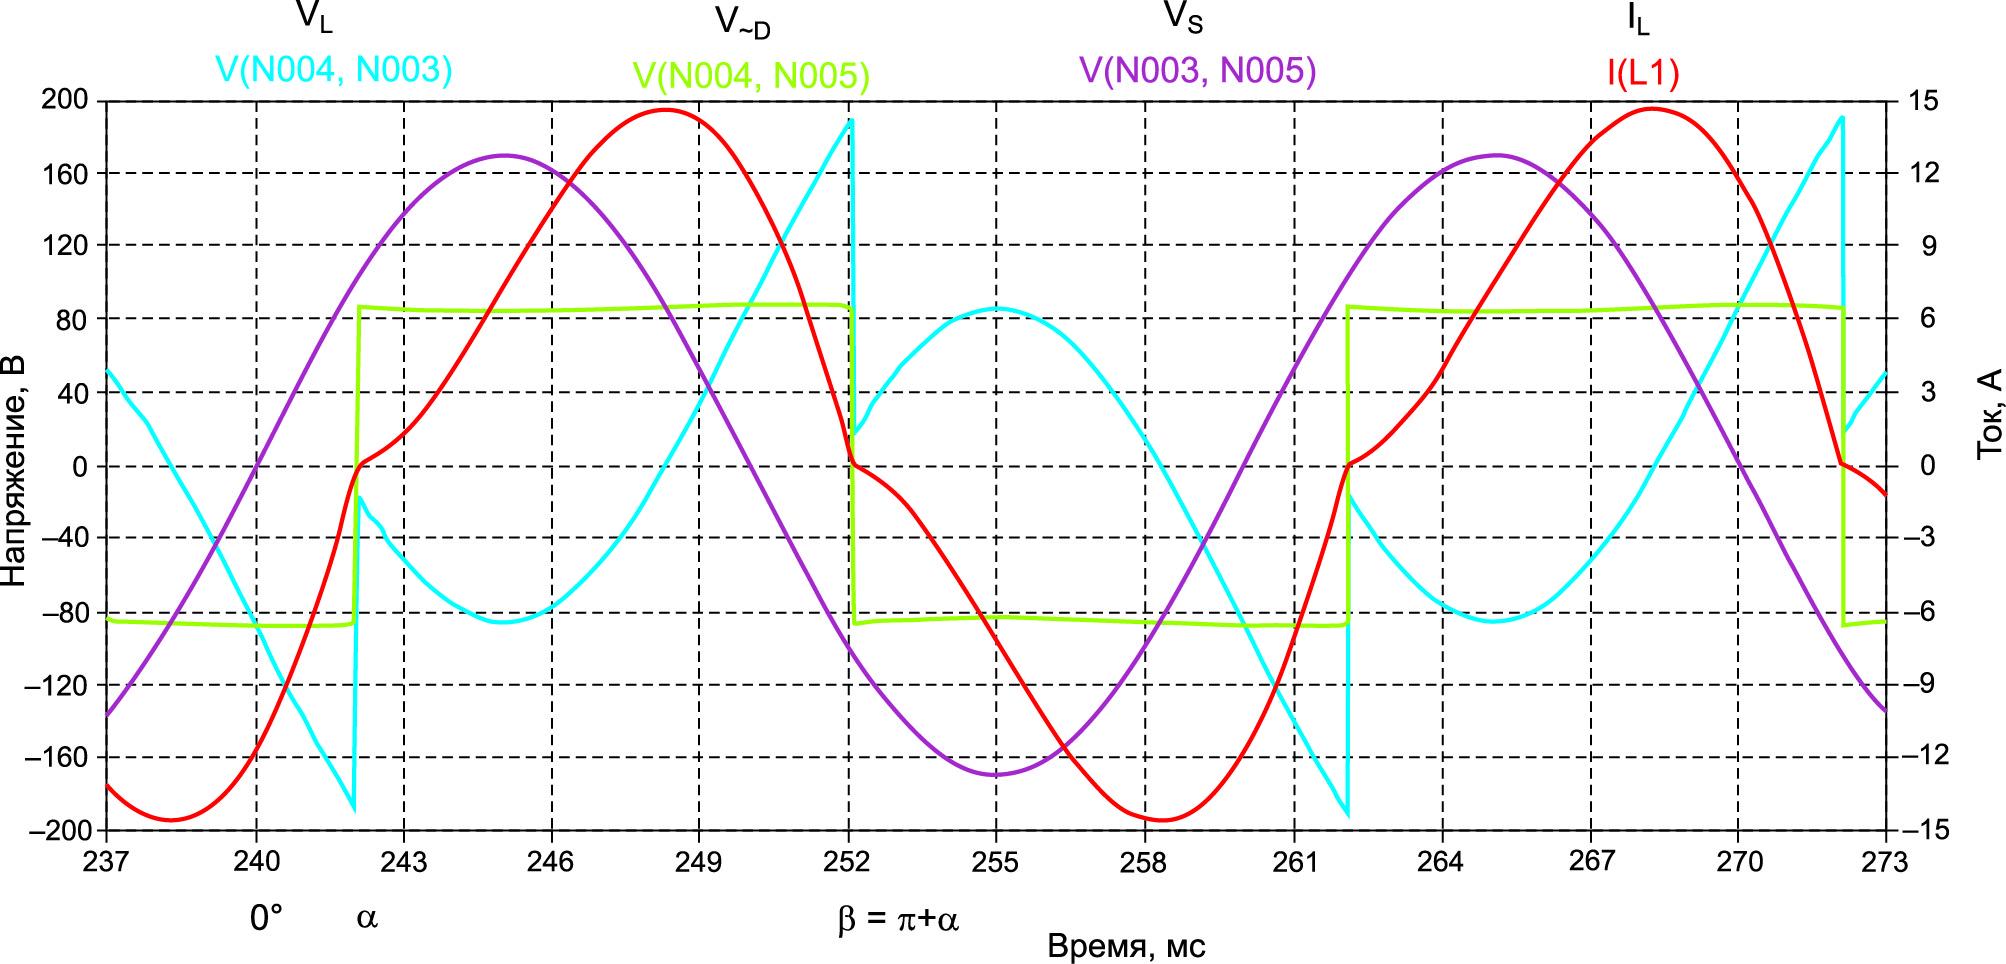 Режим непрерывного тока через iL(t) через Le, Vd / Vsm < 0,537, a = aL > ad